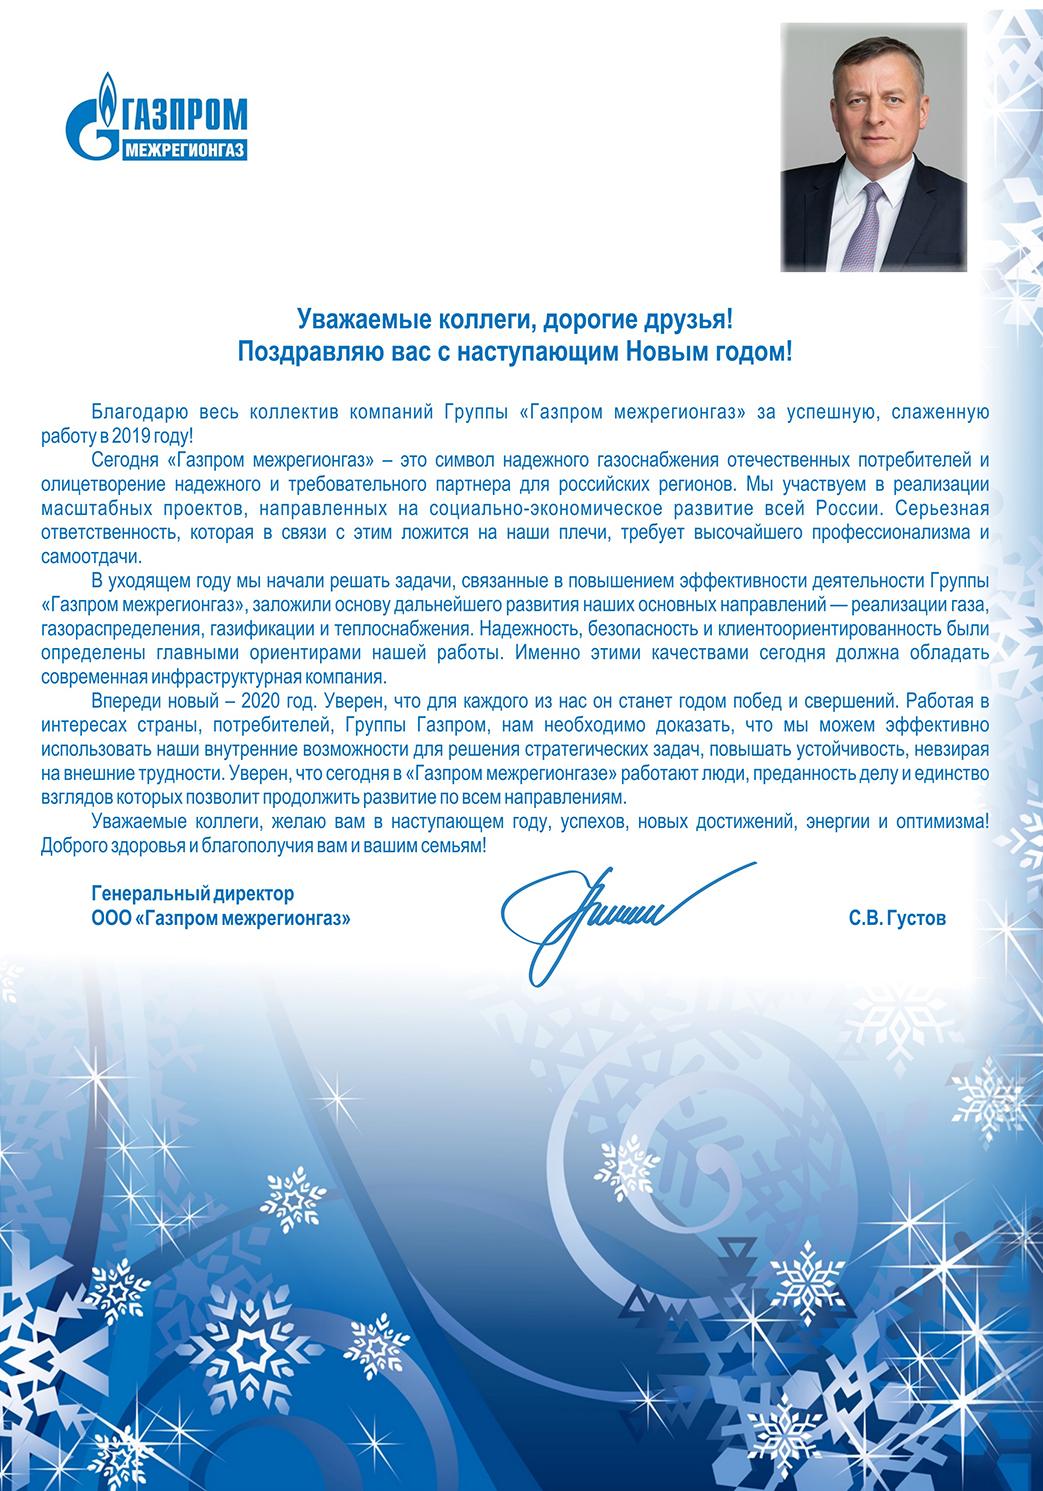 основном поздравление генерального директора газпрома сразу уточним, будем